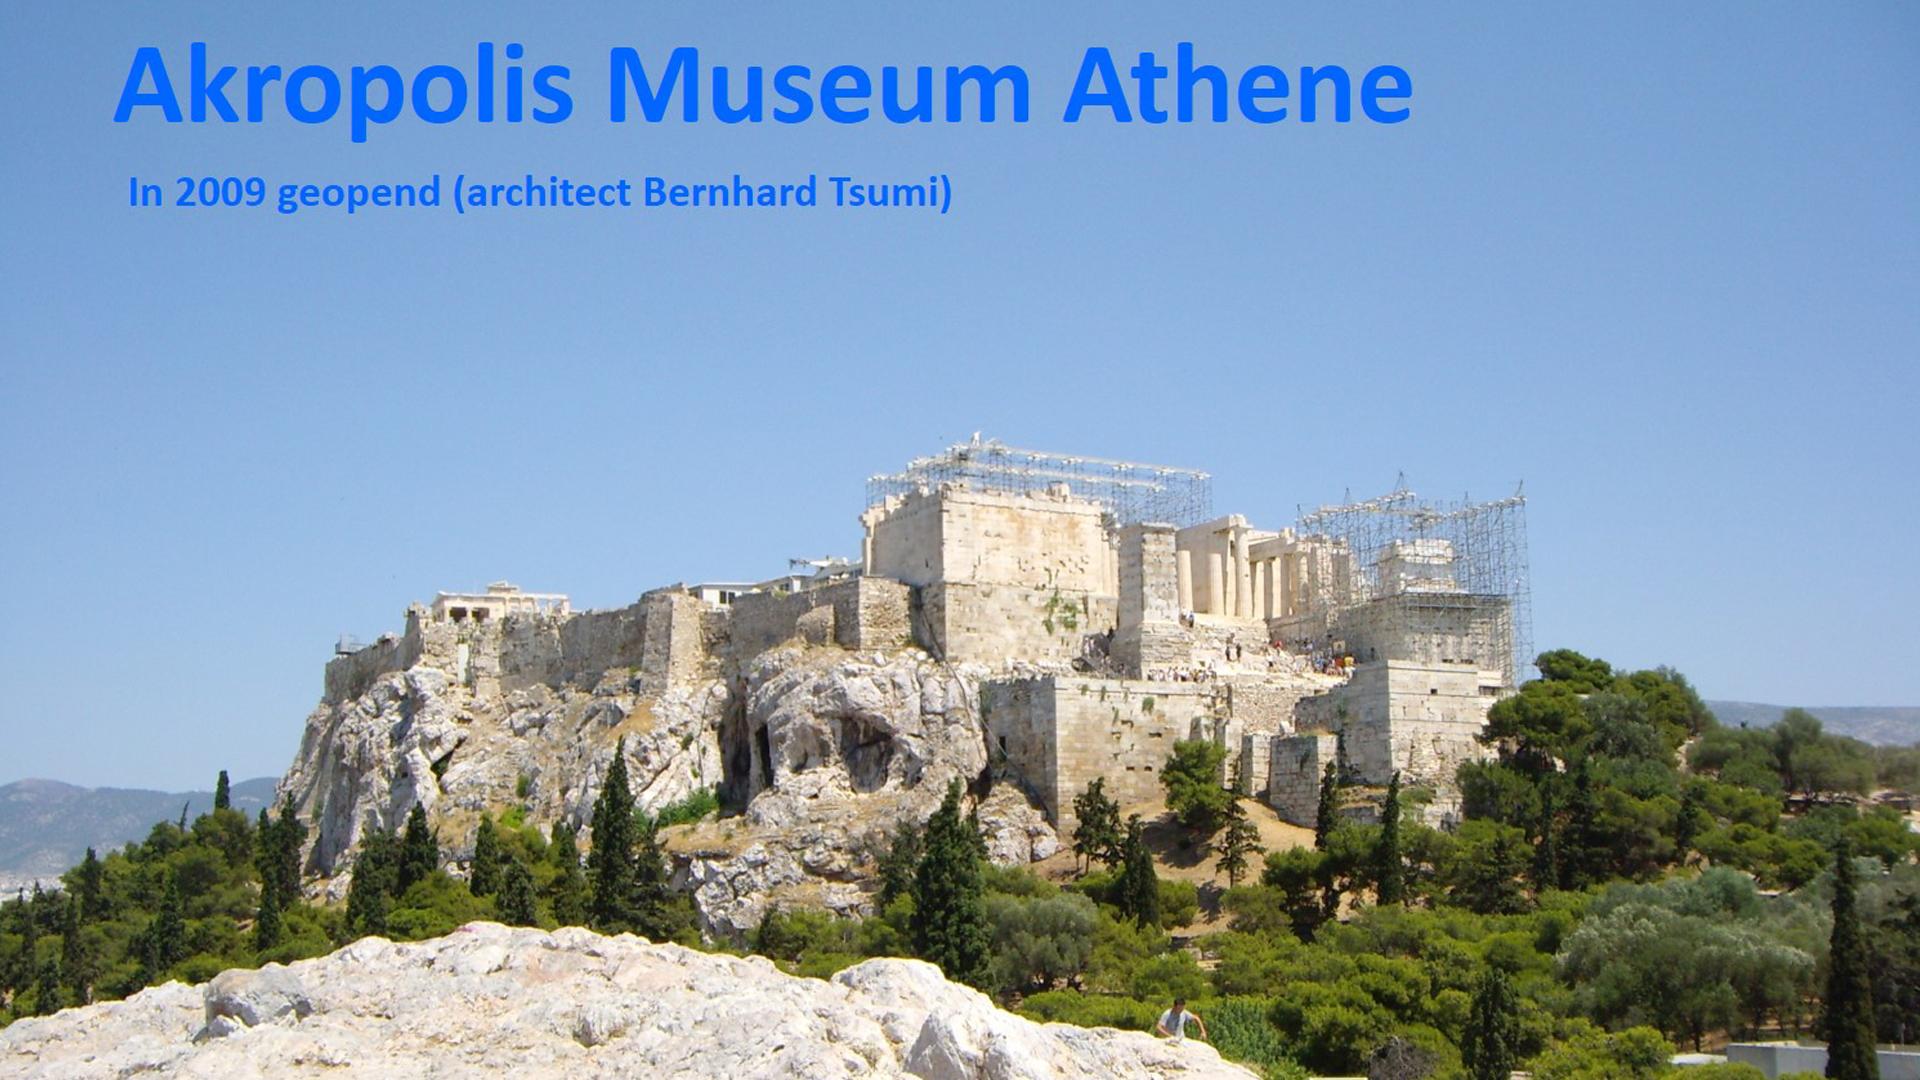 01_Akropolis